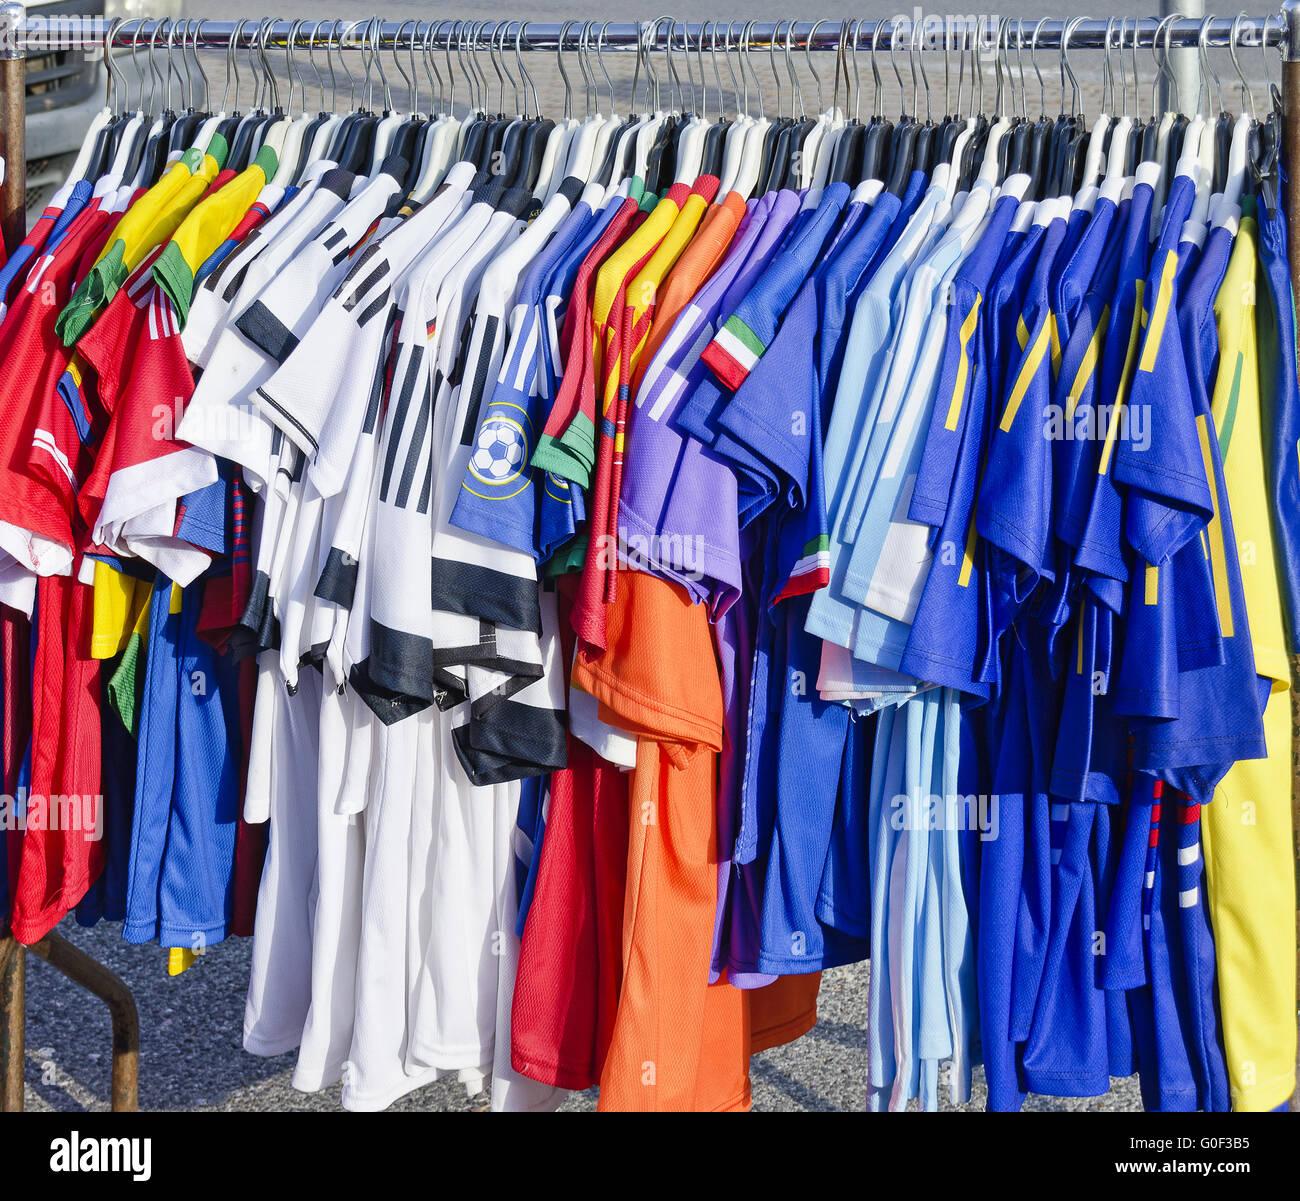 football shirts at a hanging rail - Stock Image